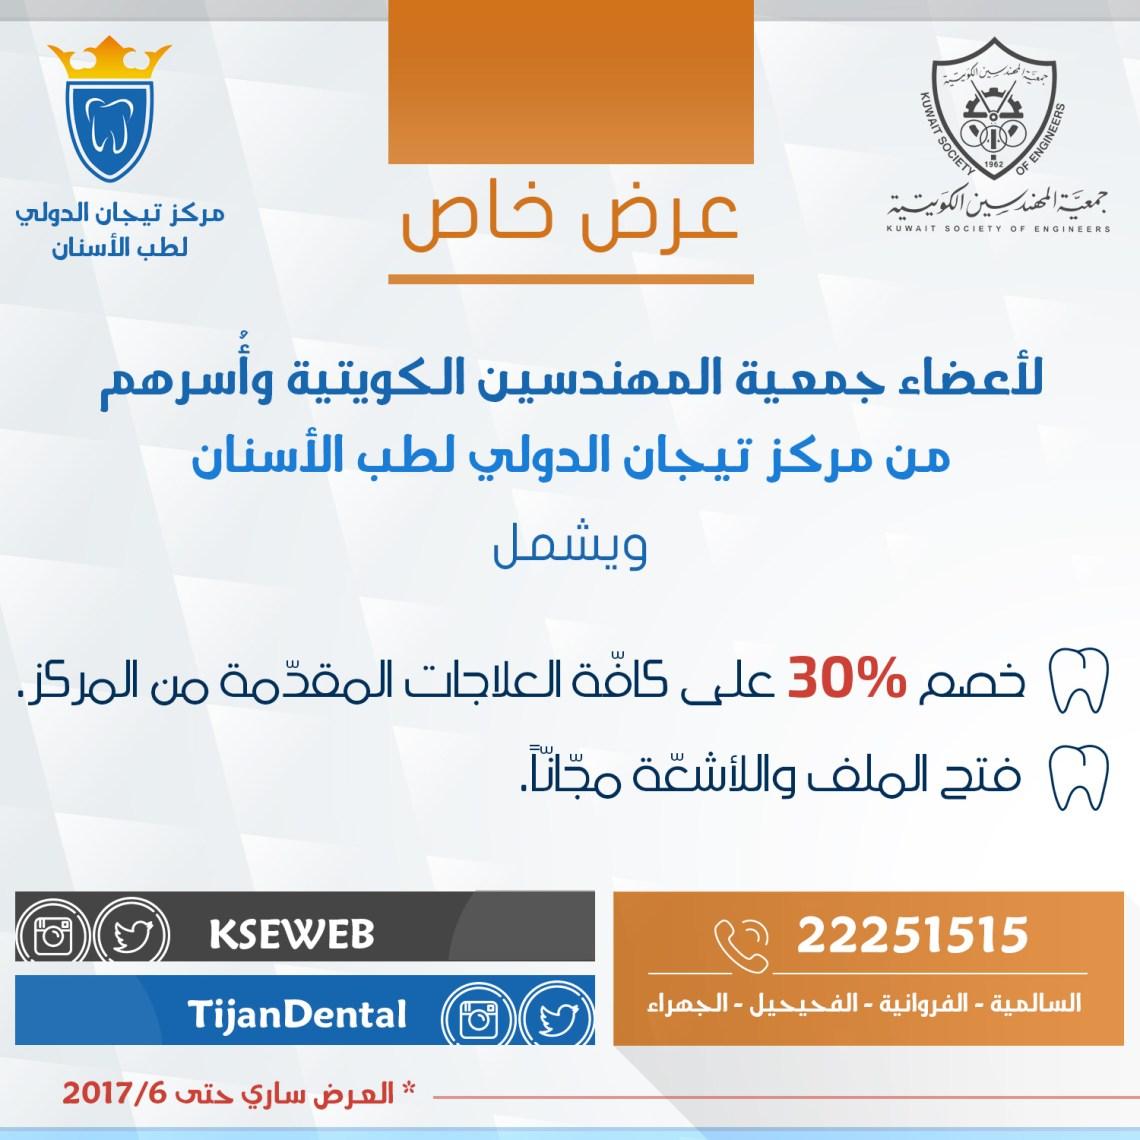 عرض-مركز-تيجان-الدولي-لطب-الأسنان